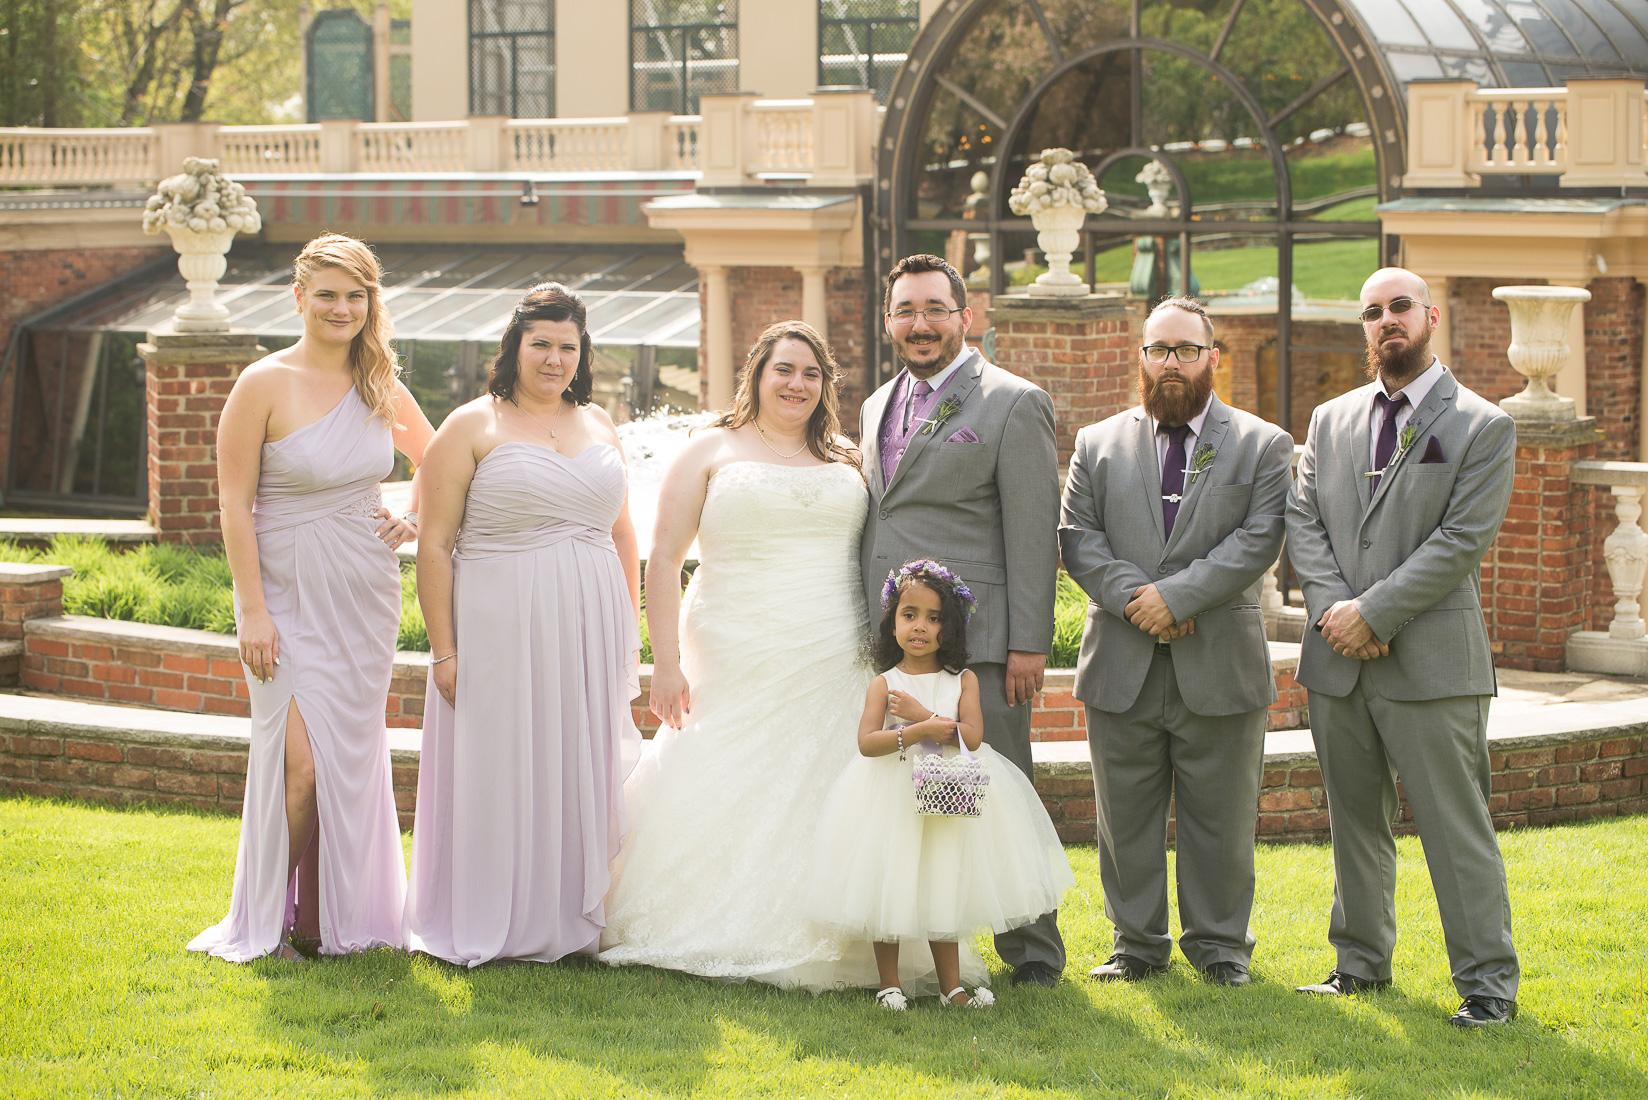 Manor-SouthOrange-NJ-wedding-0010.jpg